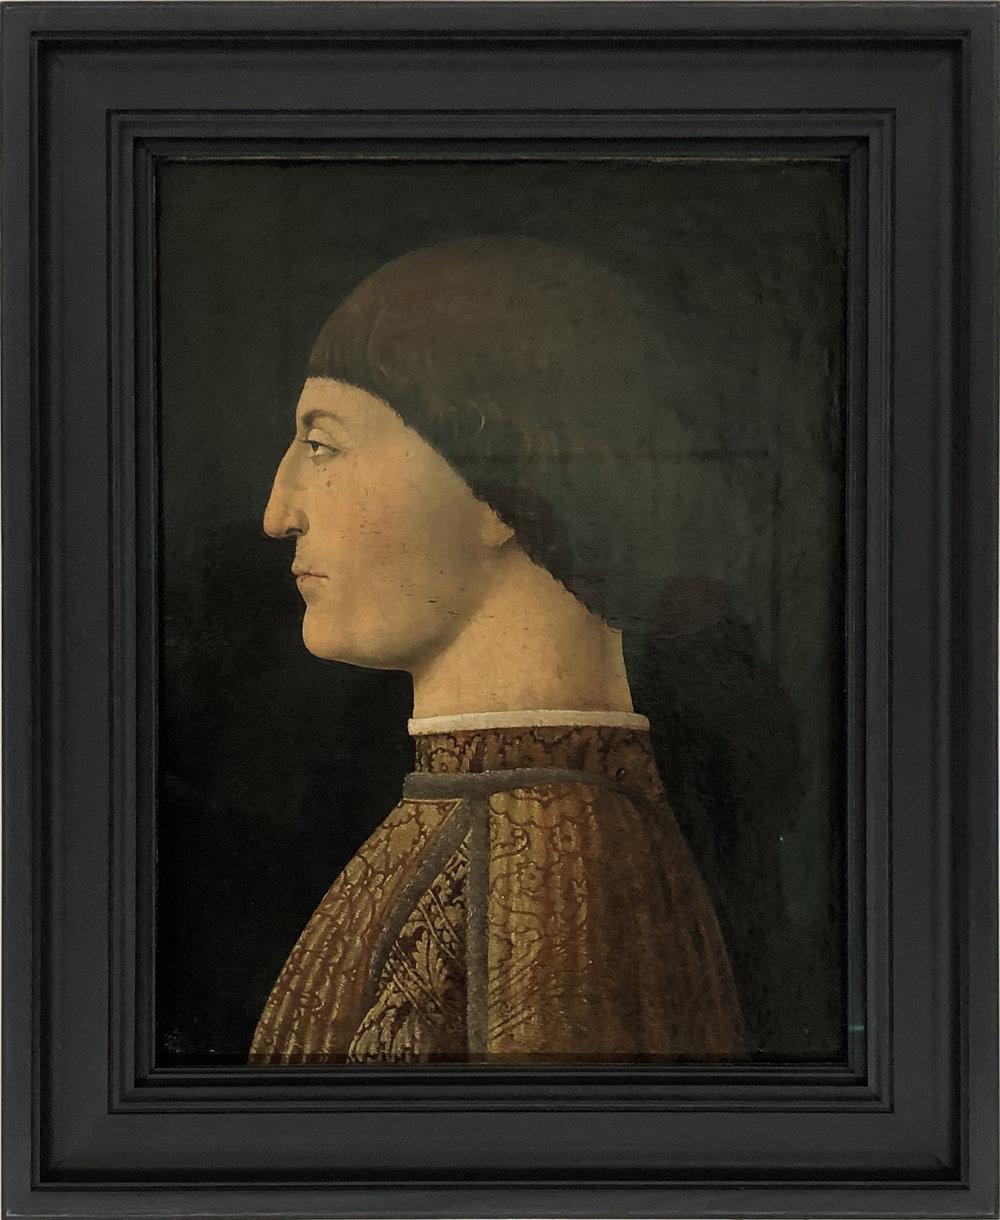 """Рис.9 Пьеро делла Франческа """"Портрет Сиджизмондо Пандольфо Малатеста"""", 1450-1451-е гг.; дерево, масло; Лувр, Париж."""